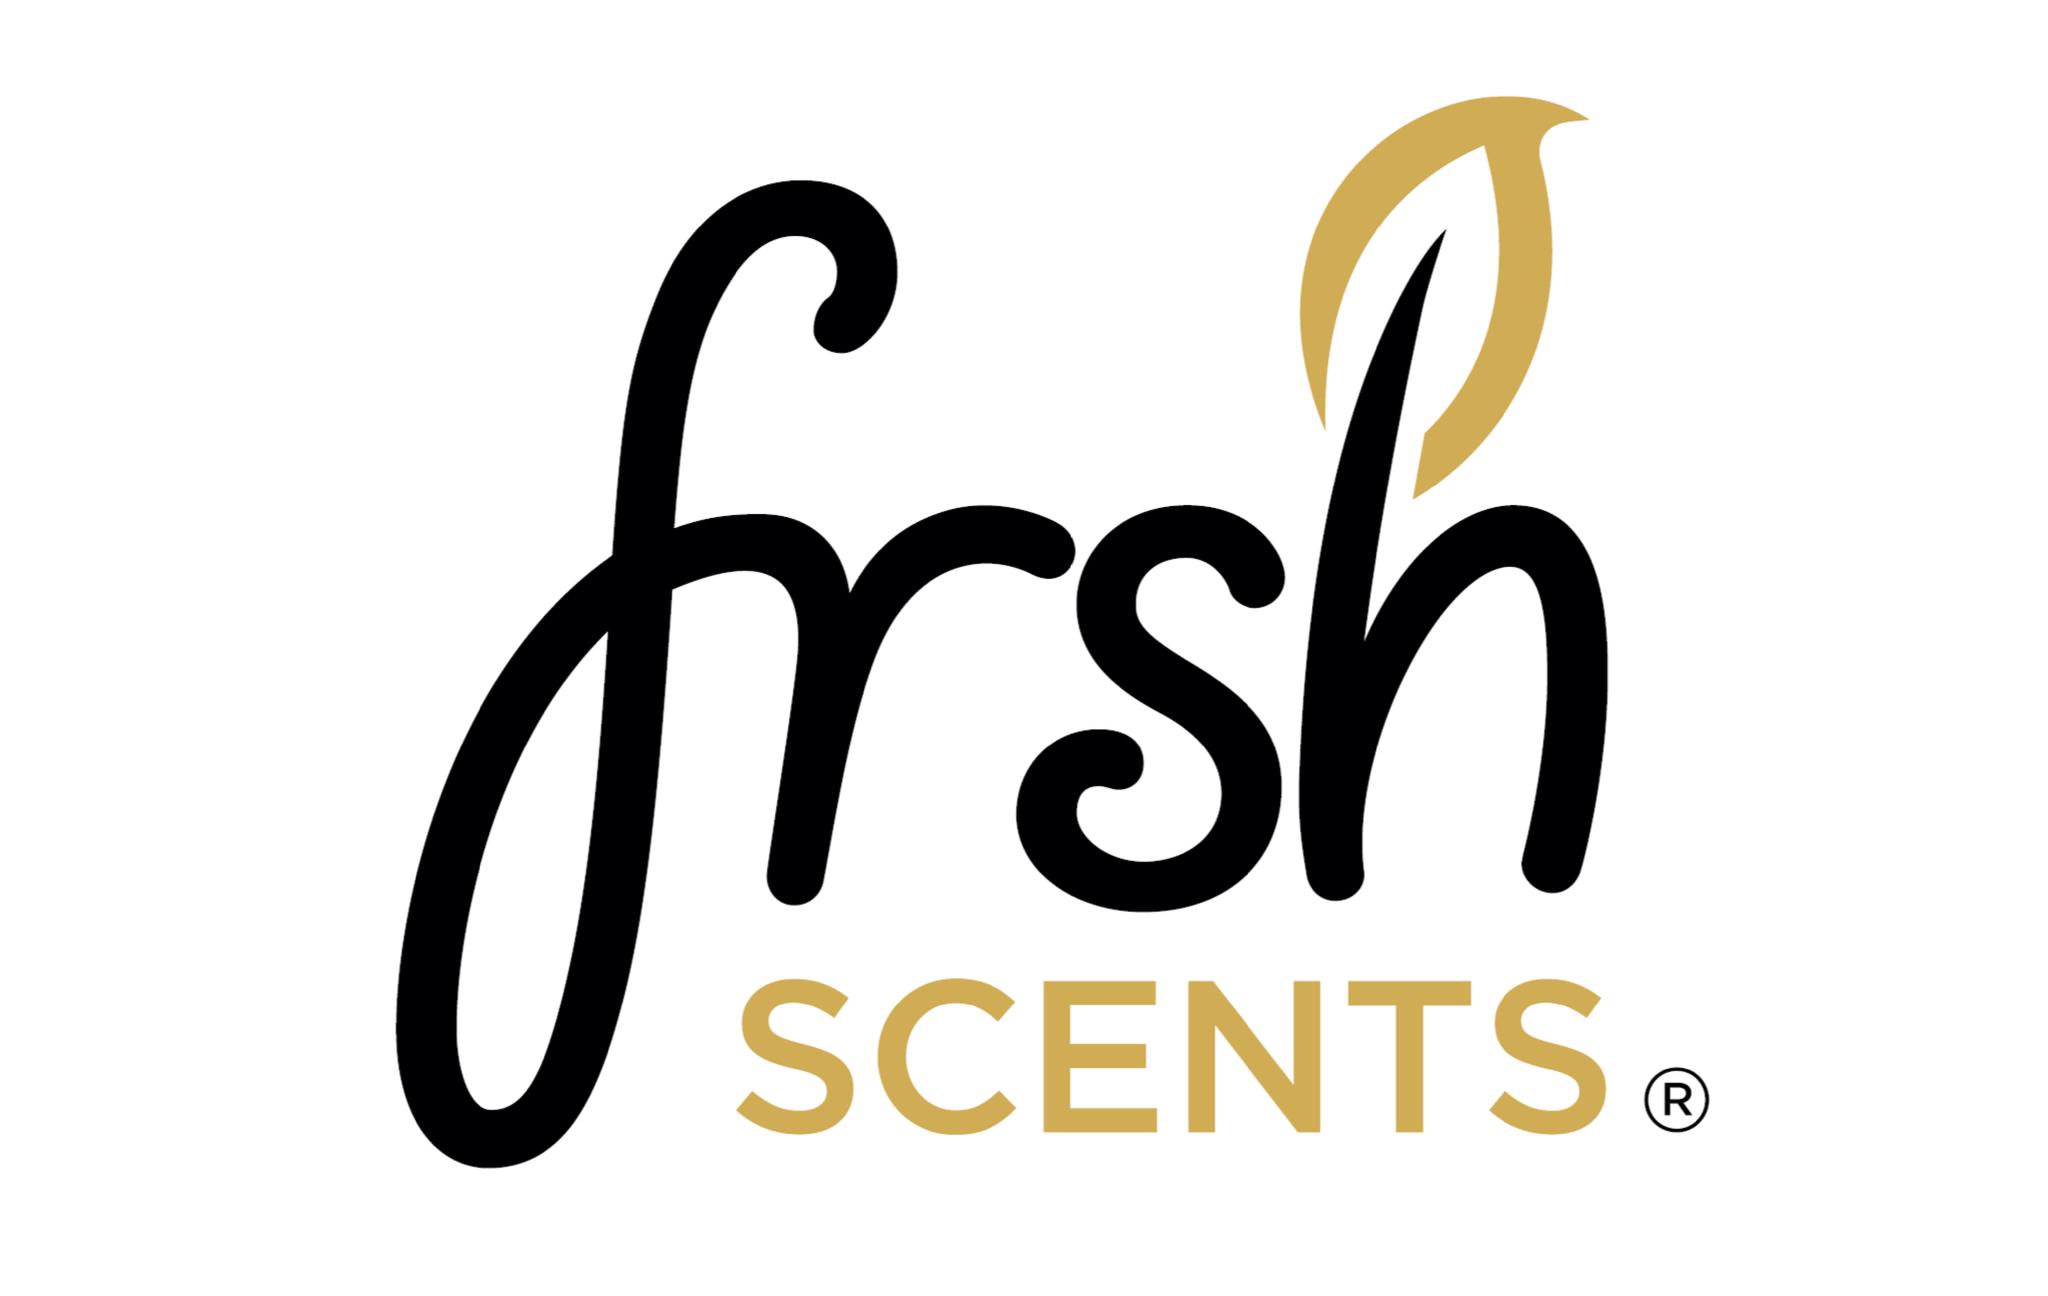 FRSH Scents